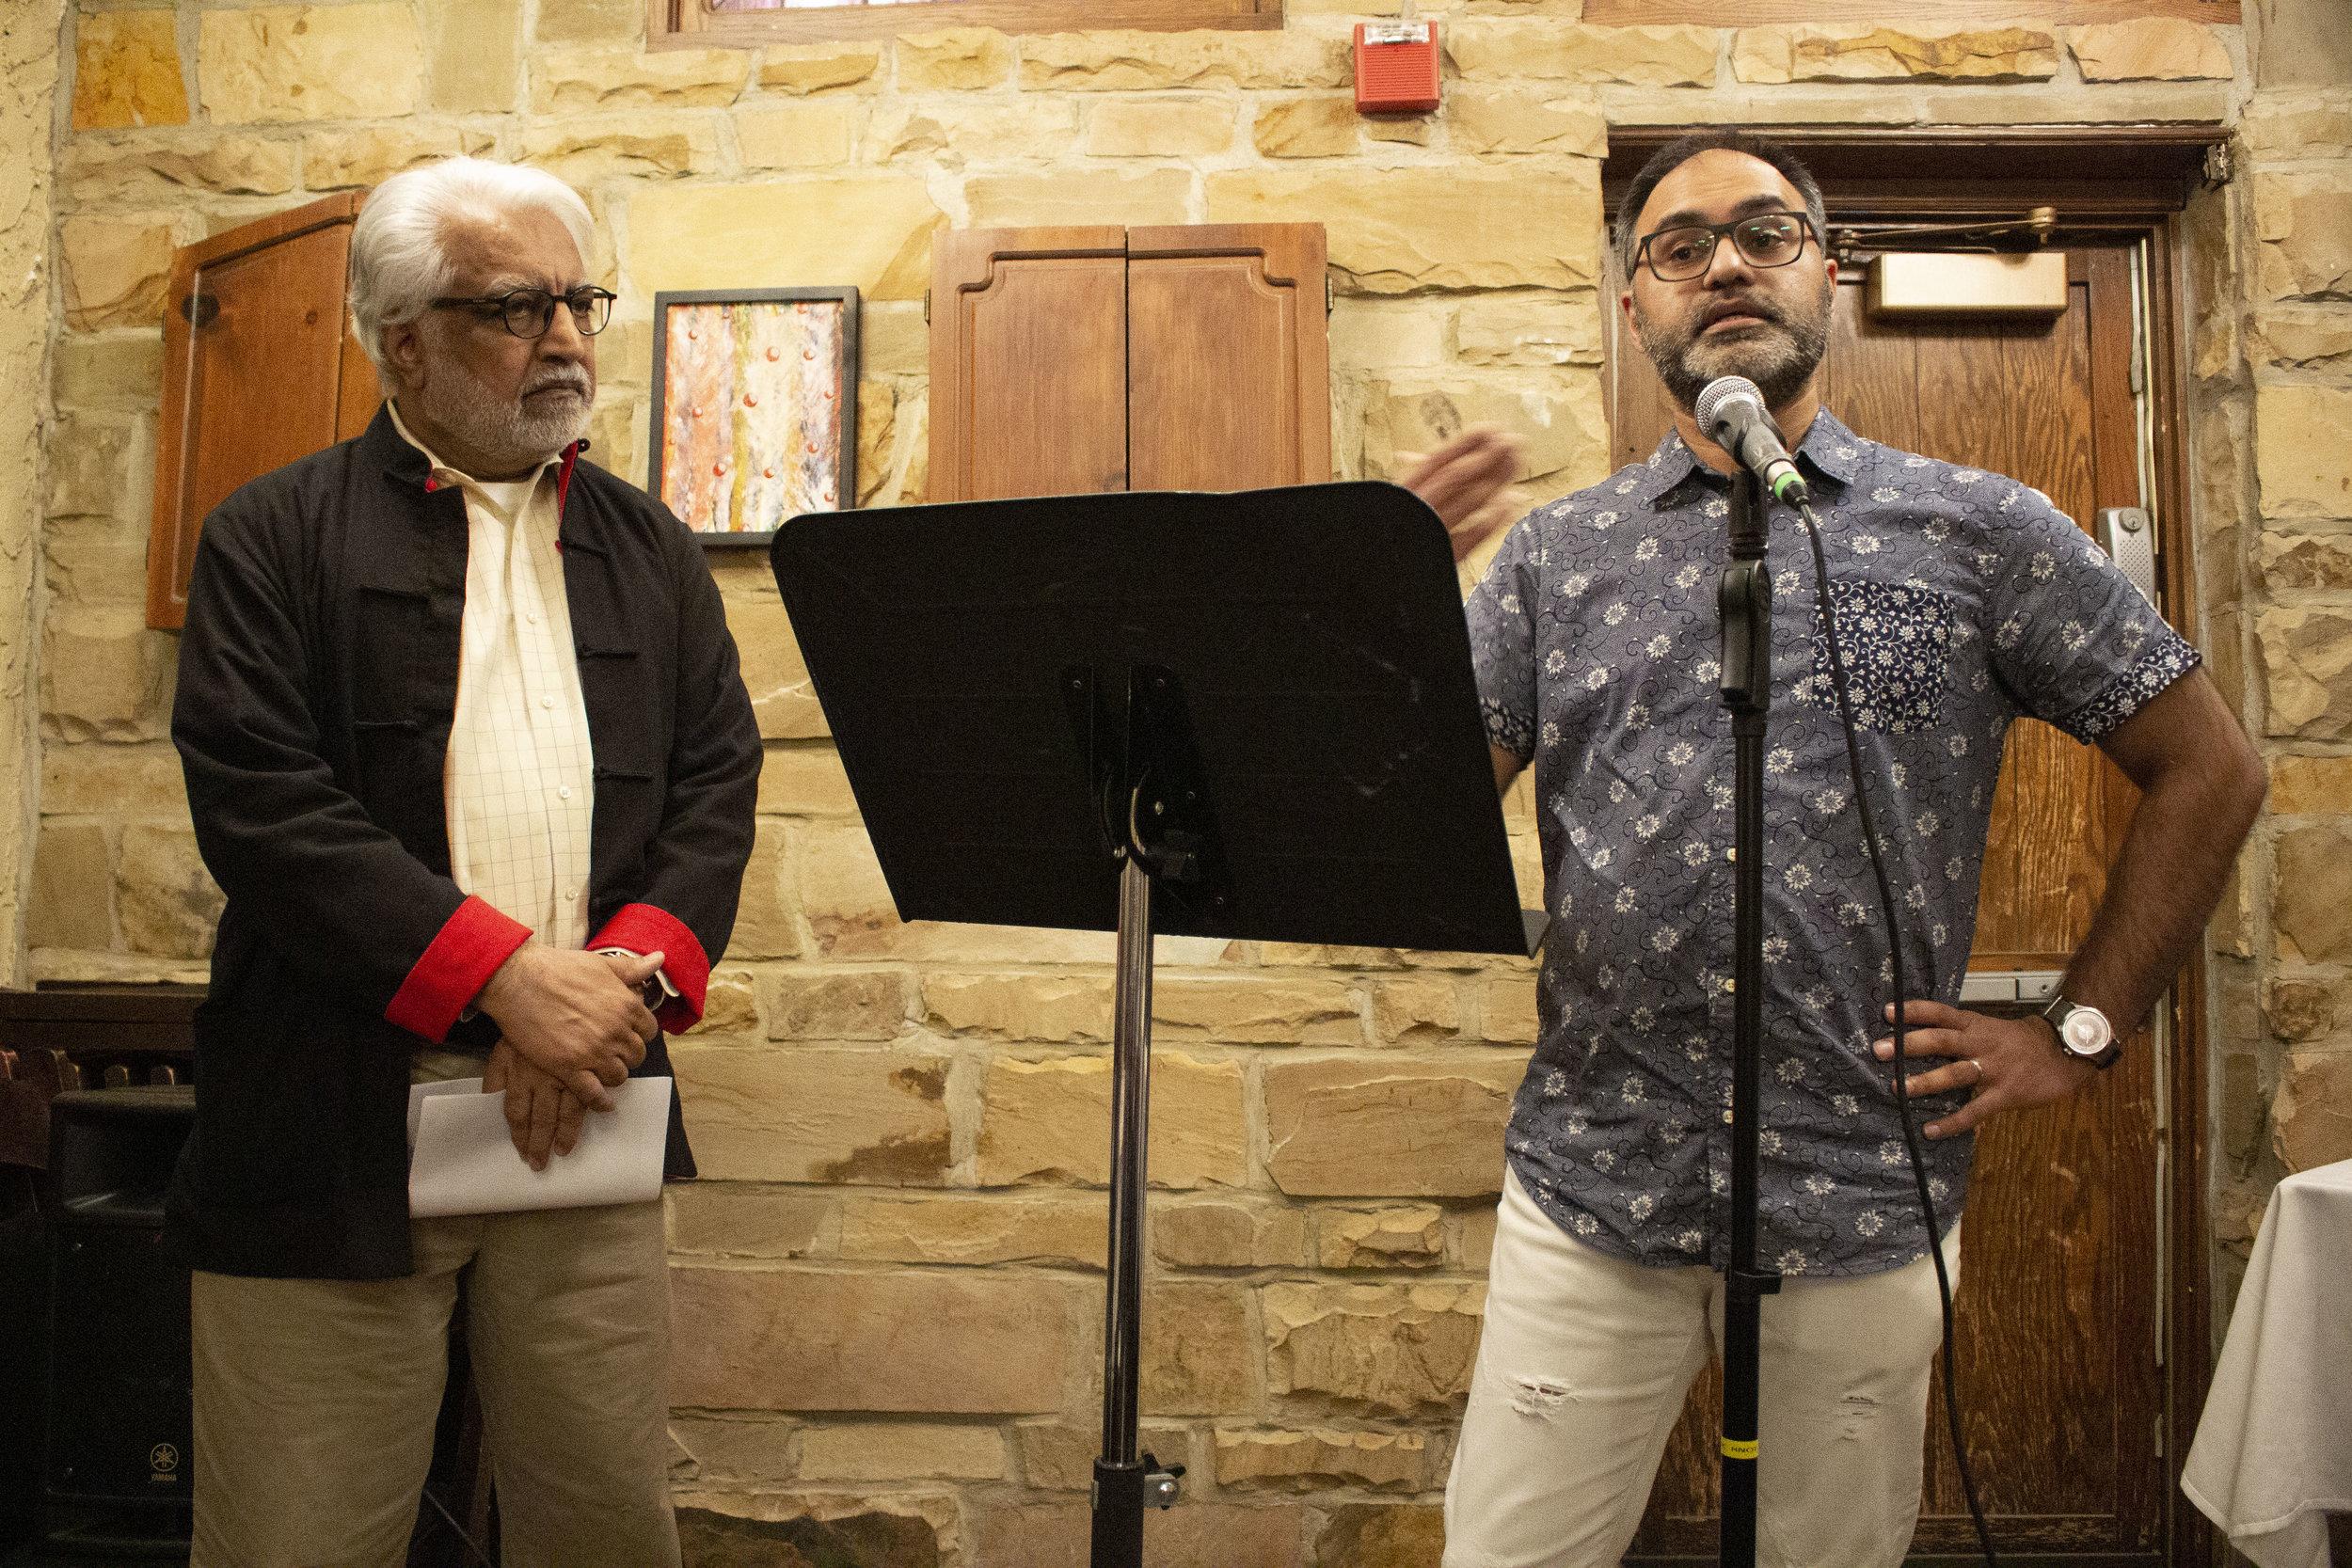 Zafar Malik and Faisal Mohyuddin.